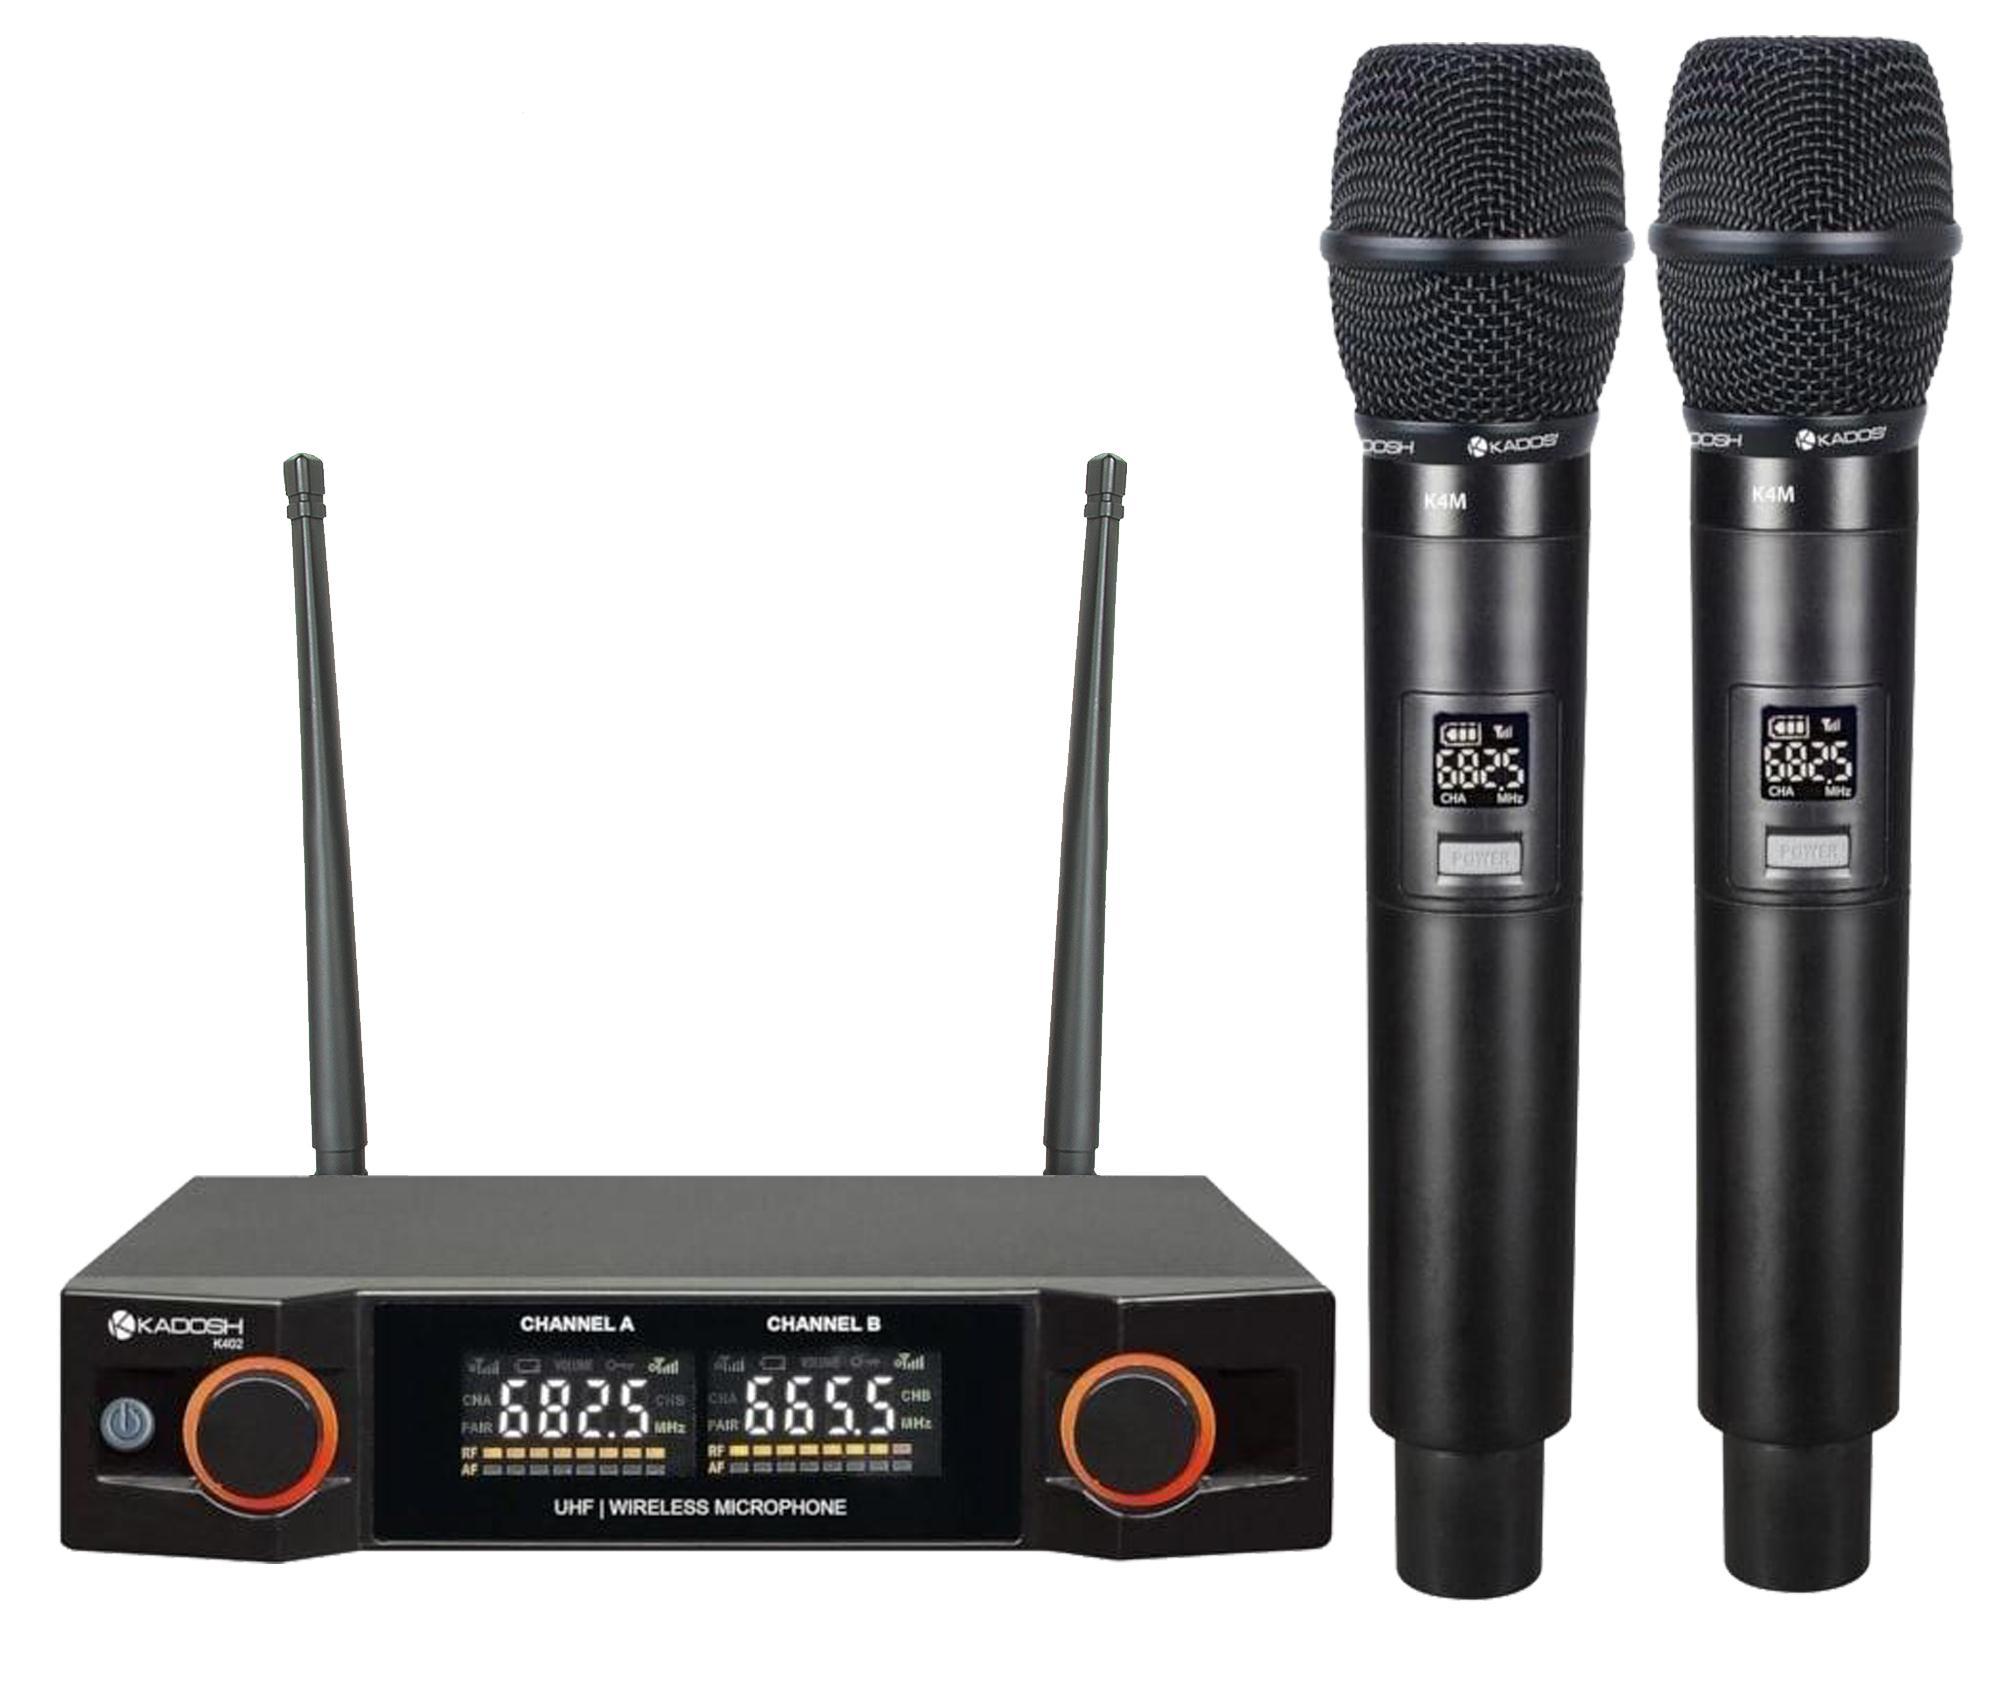 Kadosh Microfone Sem Fio Duplo K-402M (UHF/Display Digital com 48 Canais)